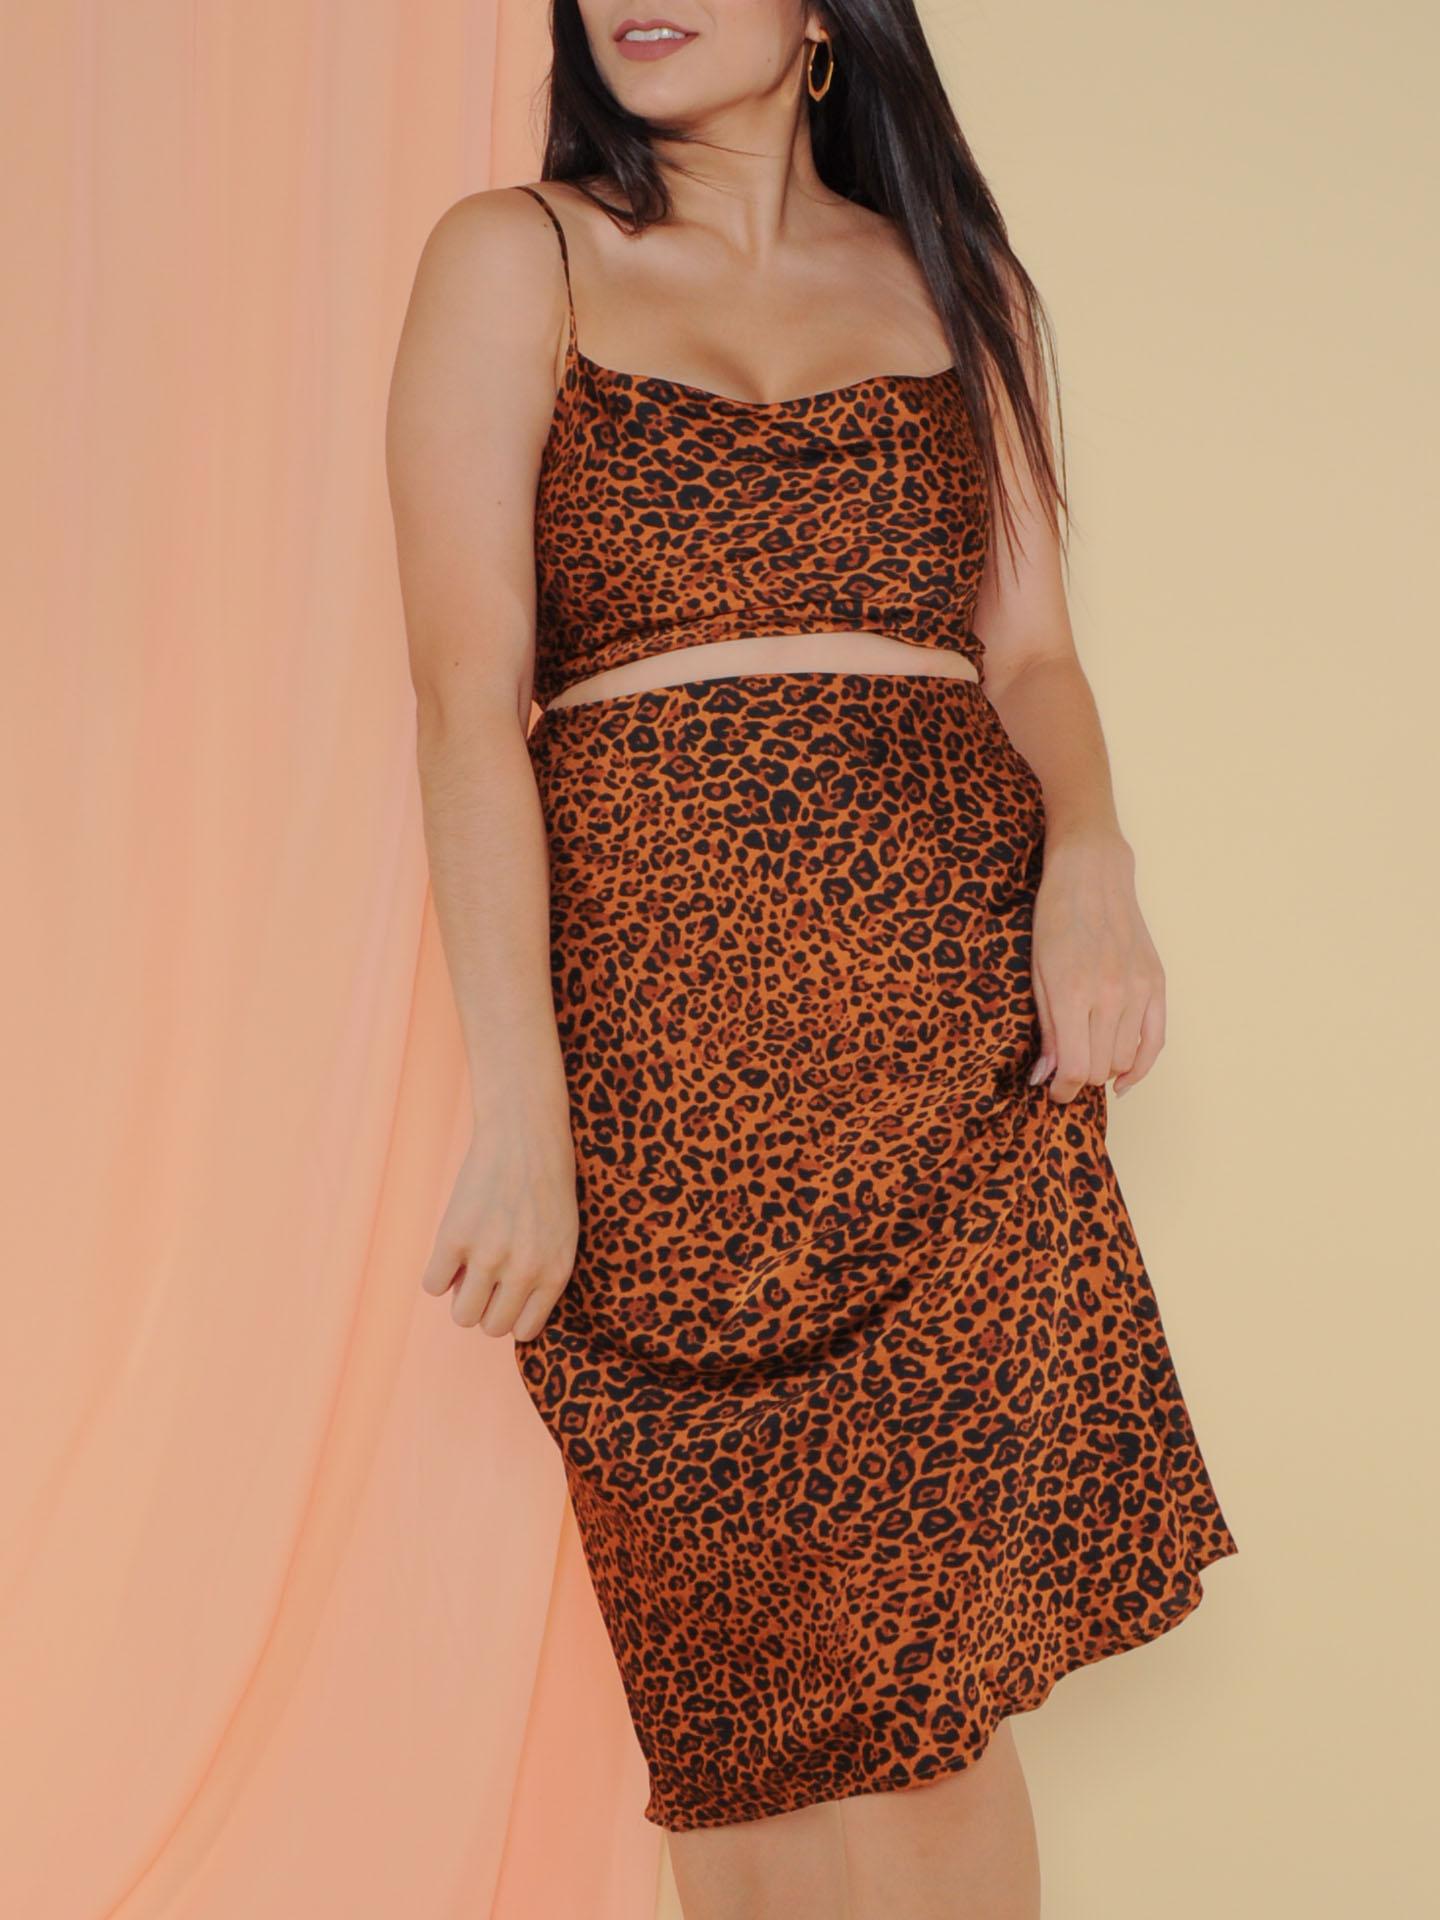 Femme Top Scoop Neck Crop Leopard Print Front